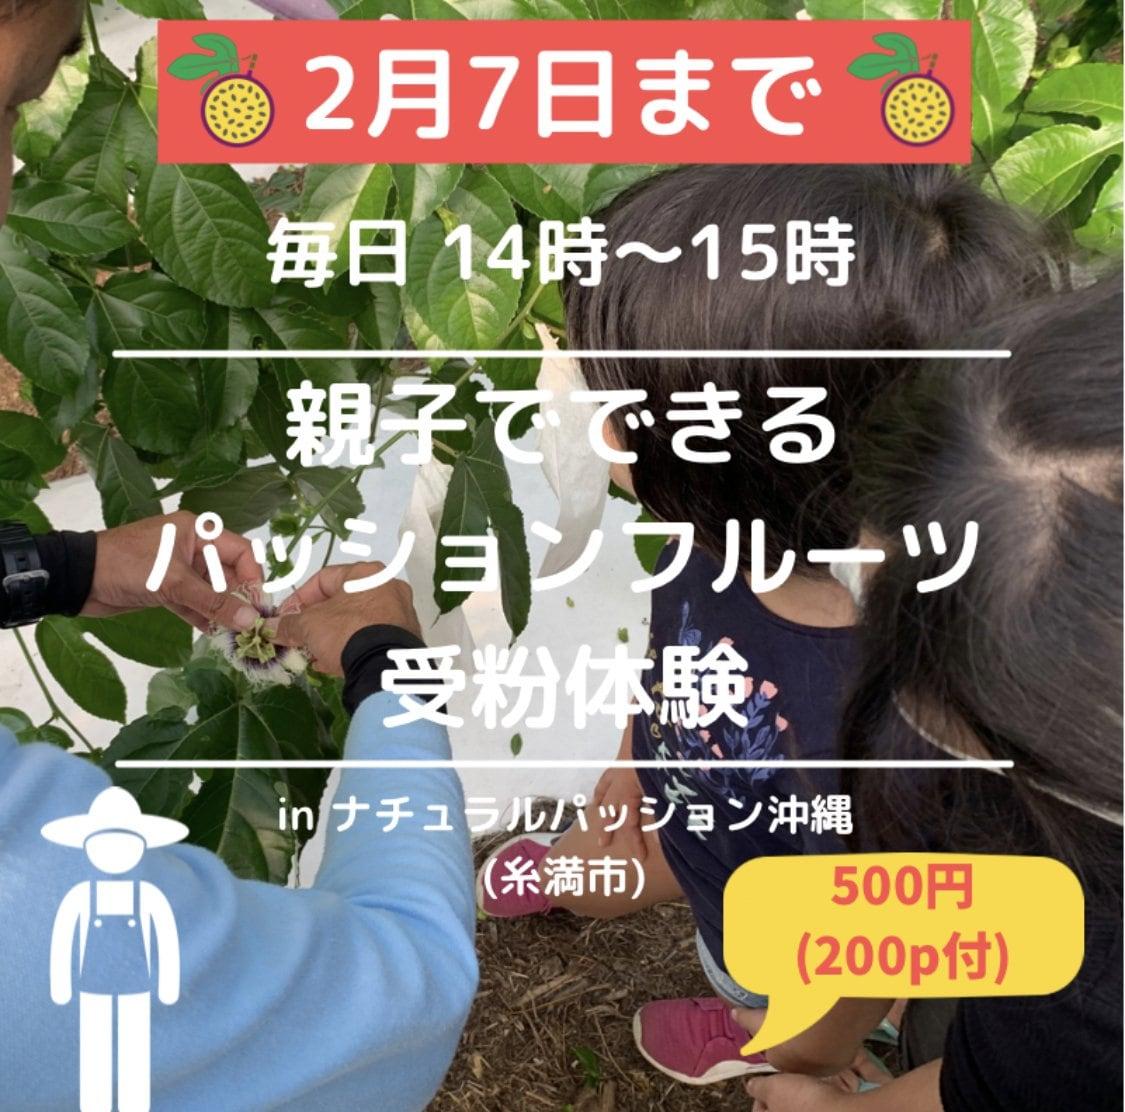 【2月7日まで限定】毎日14時〜15時 農業体験(受粉)パッションフルーツ/大人のみOK/親子OK/学生OKのイメージその1